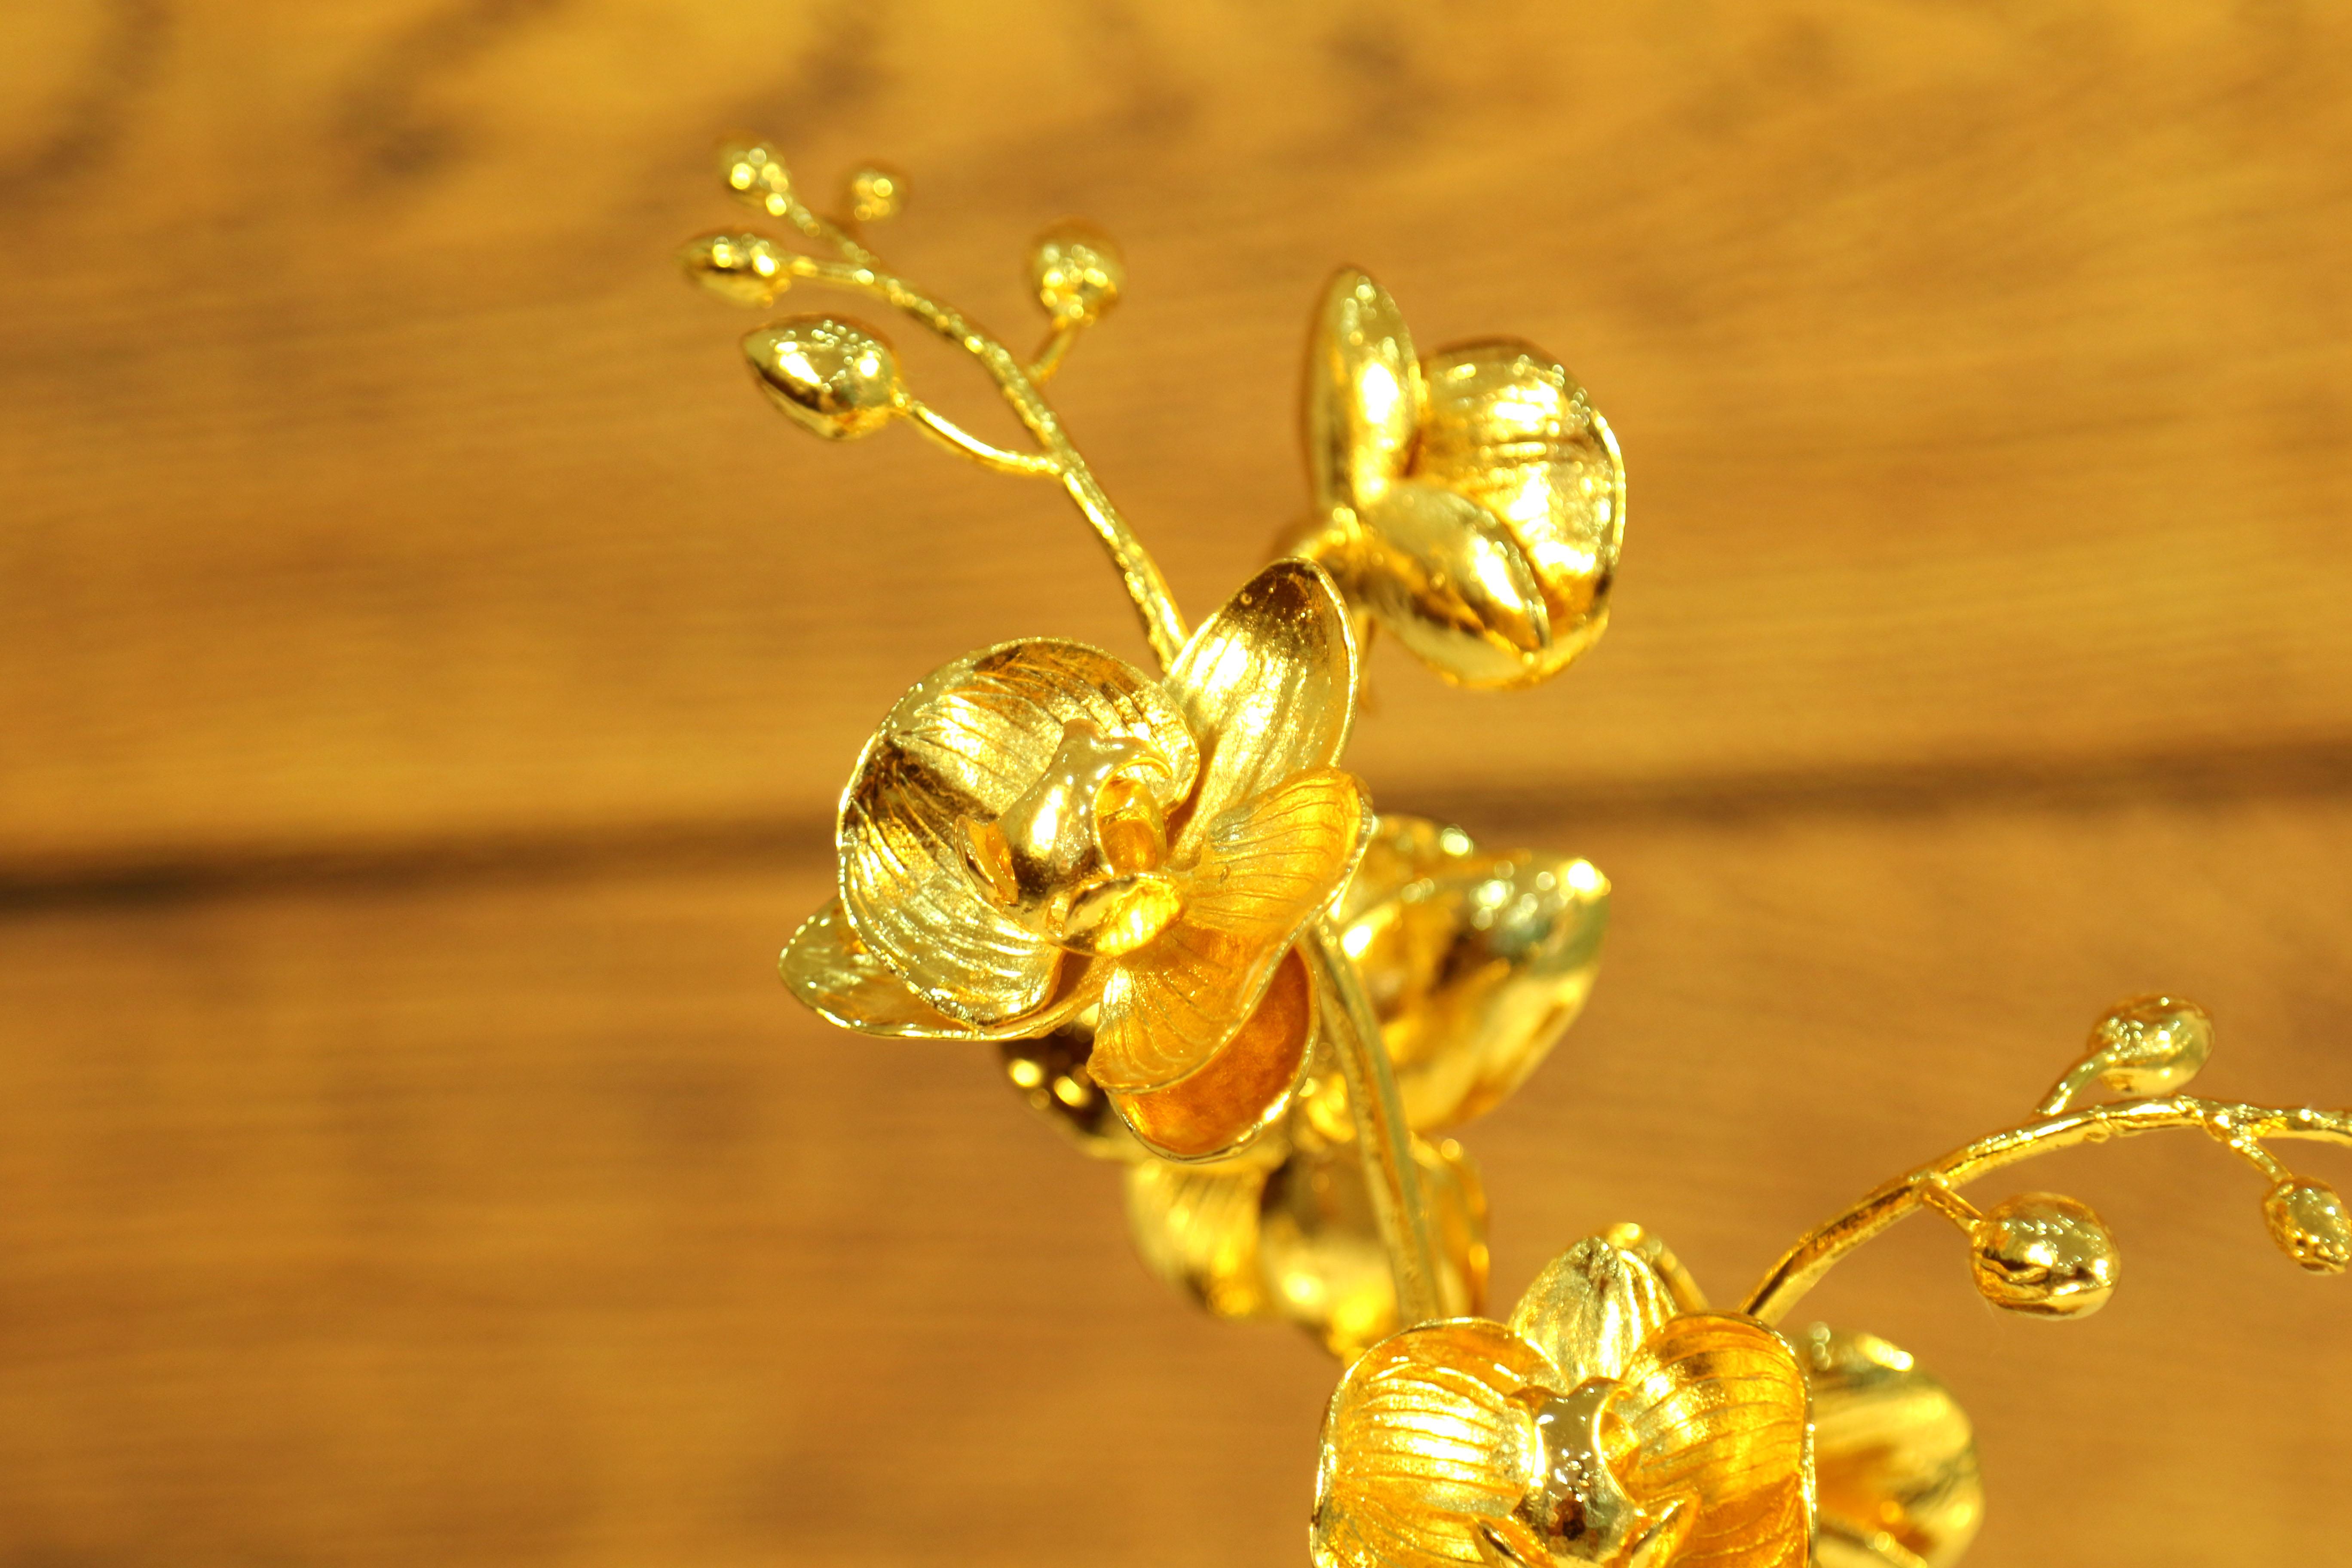 Quà tặng đối tác kinh doanh - Cây hoa lan mạ vàng 24k sang trọng